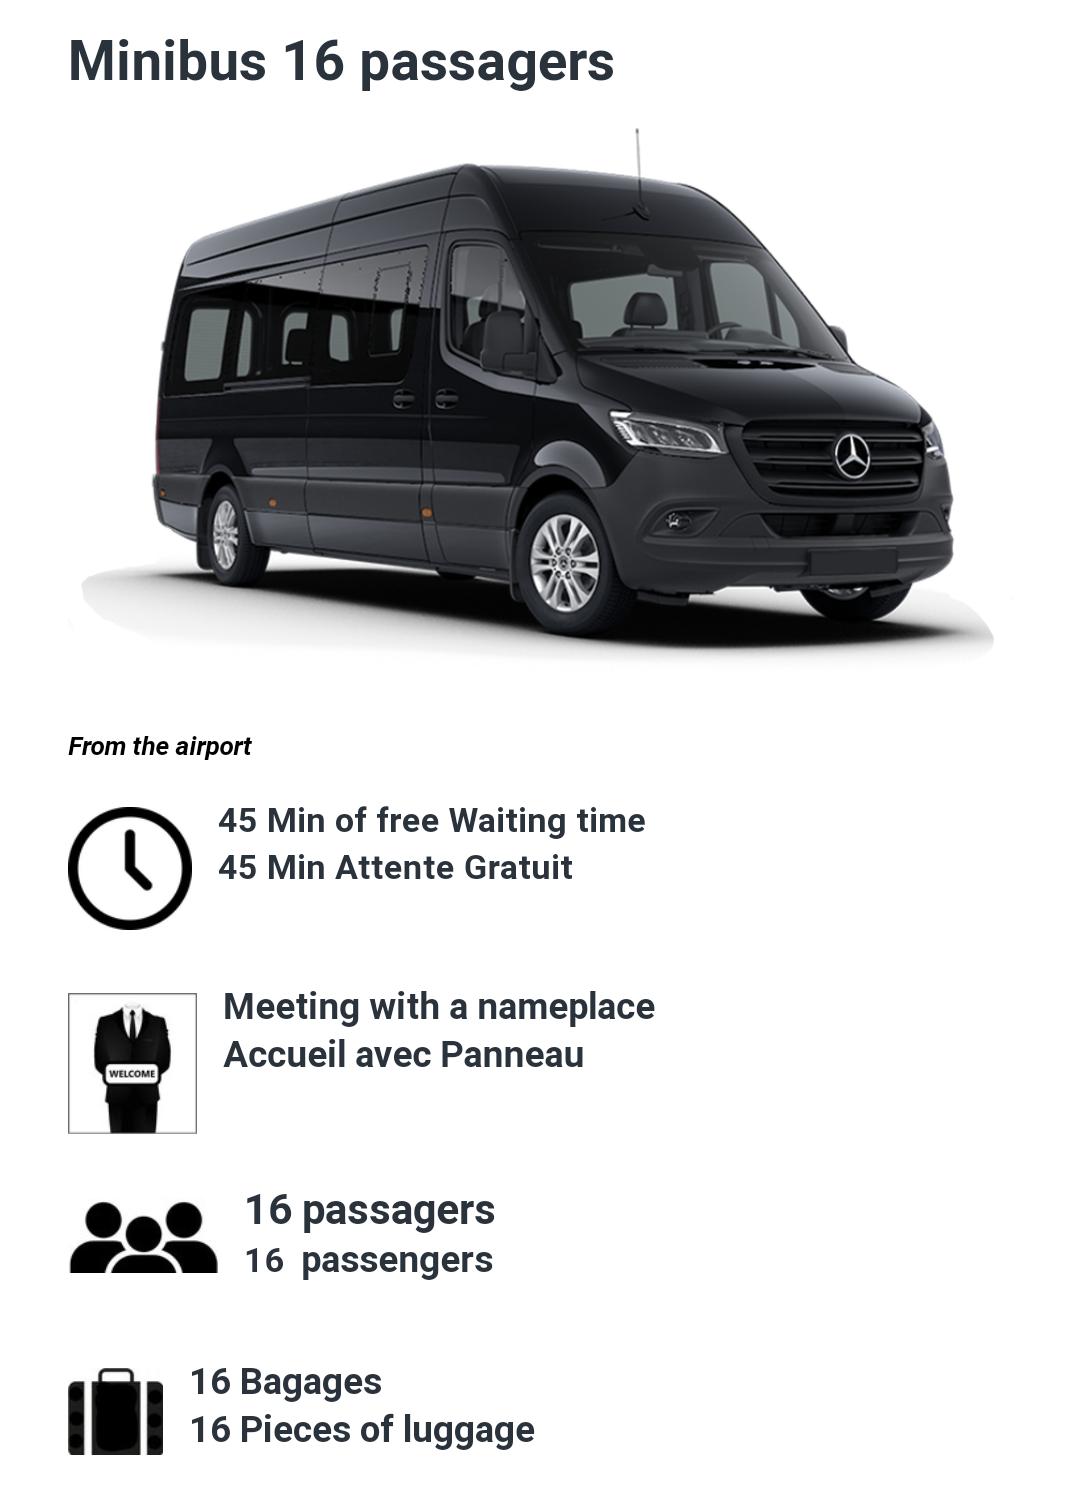 16 Passenger minibus